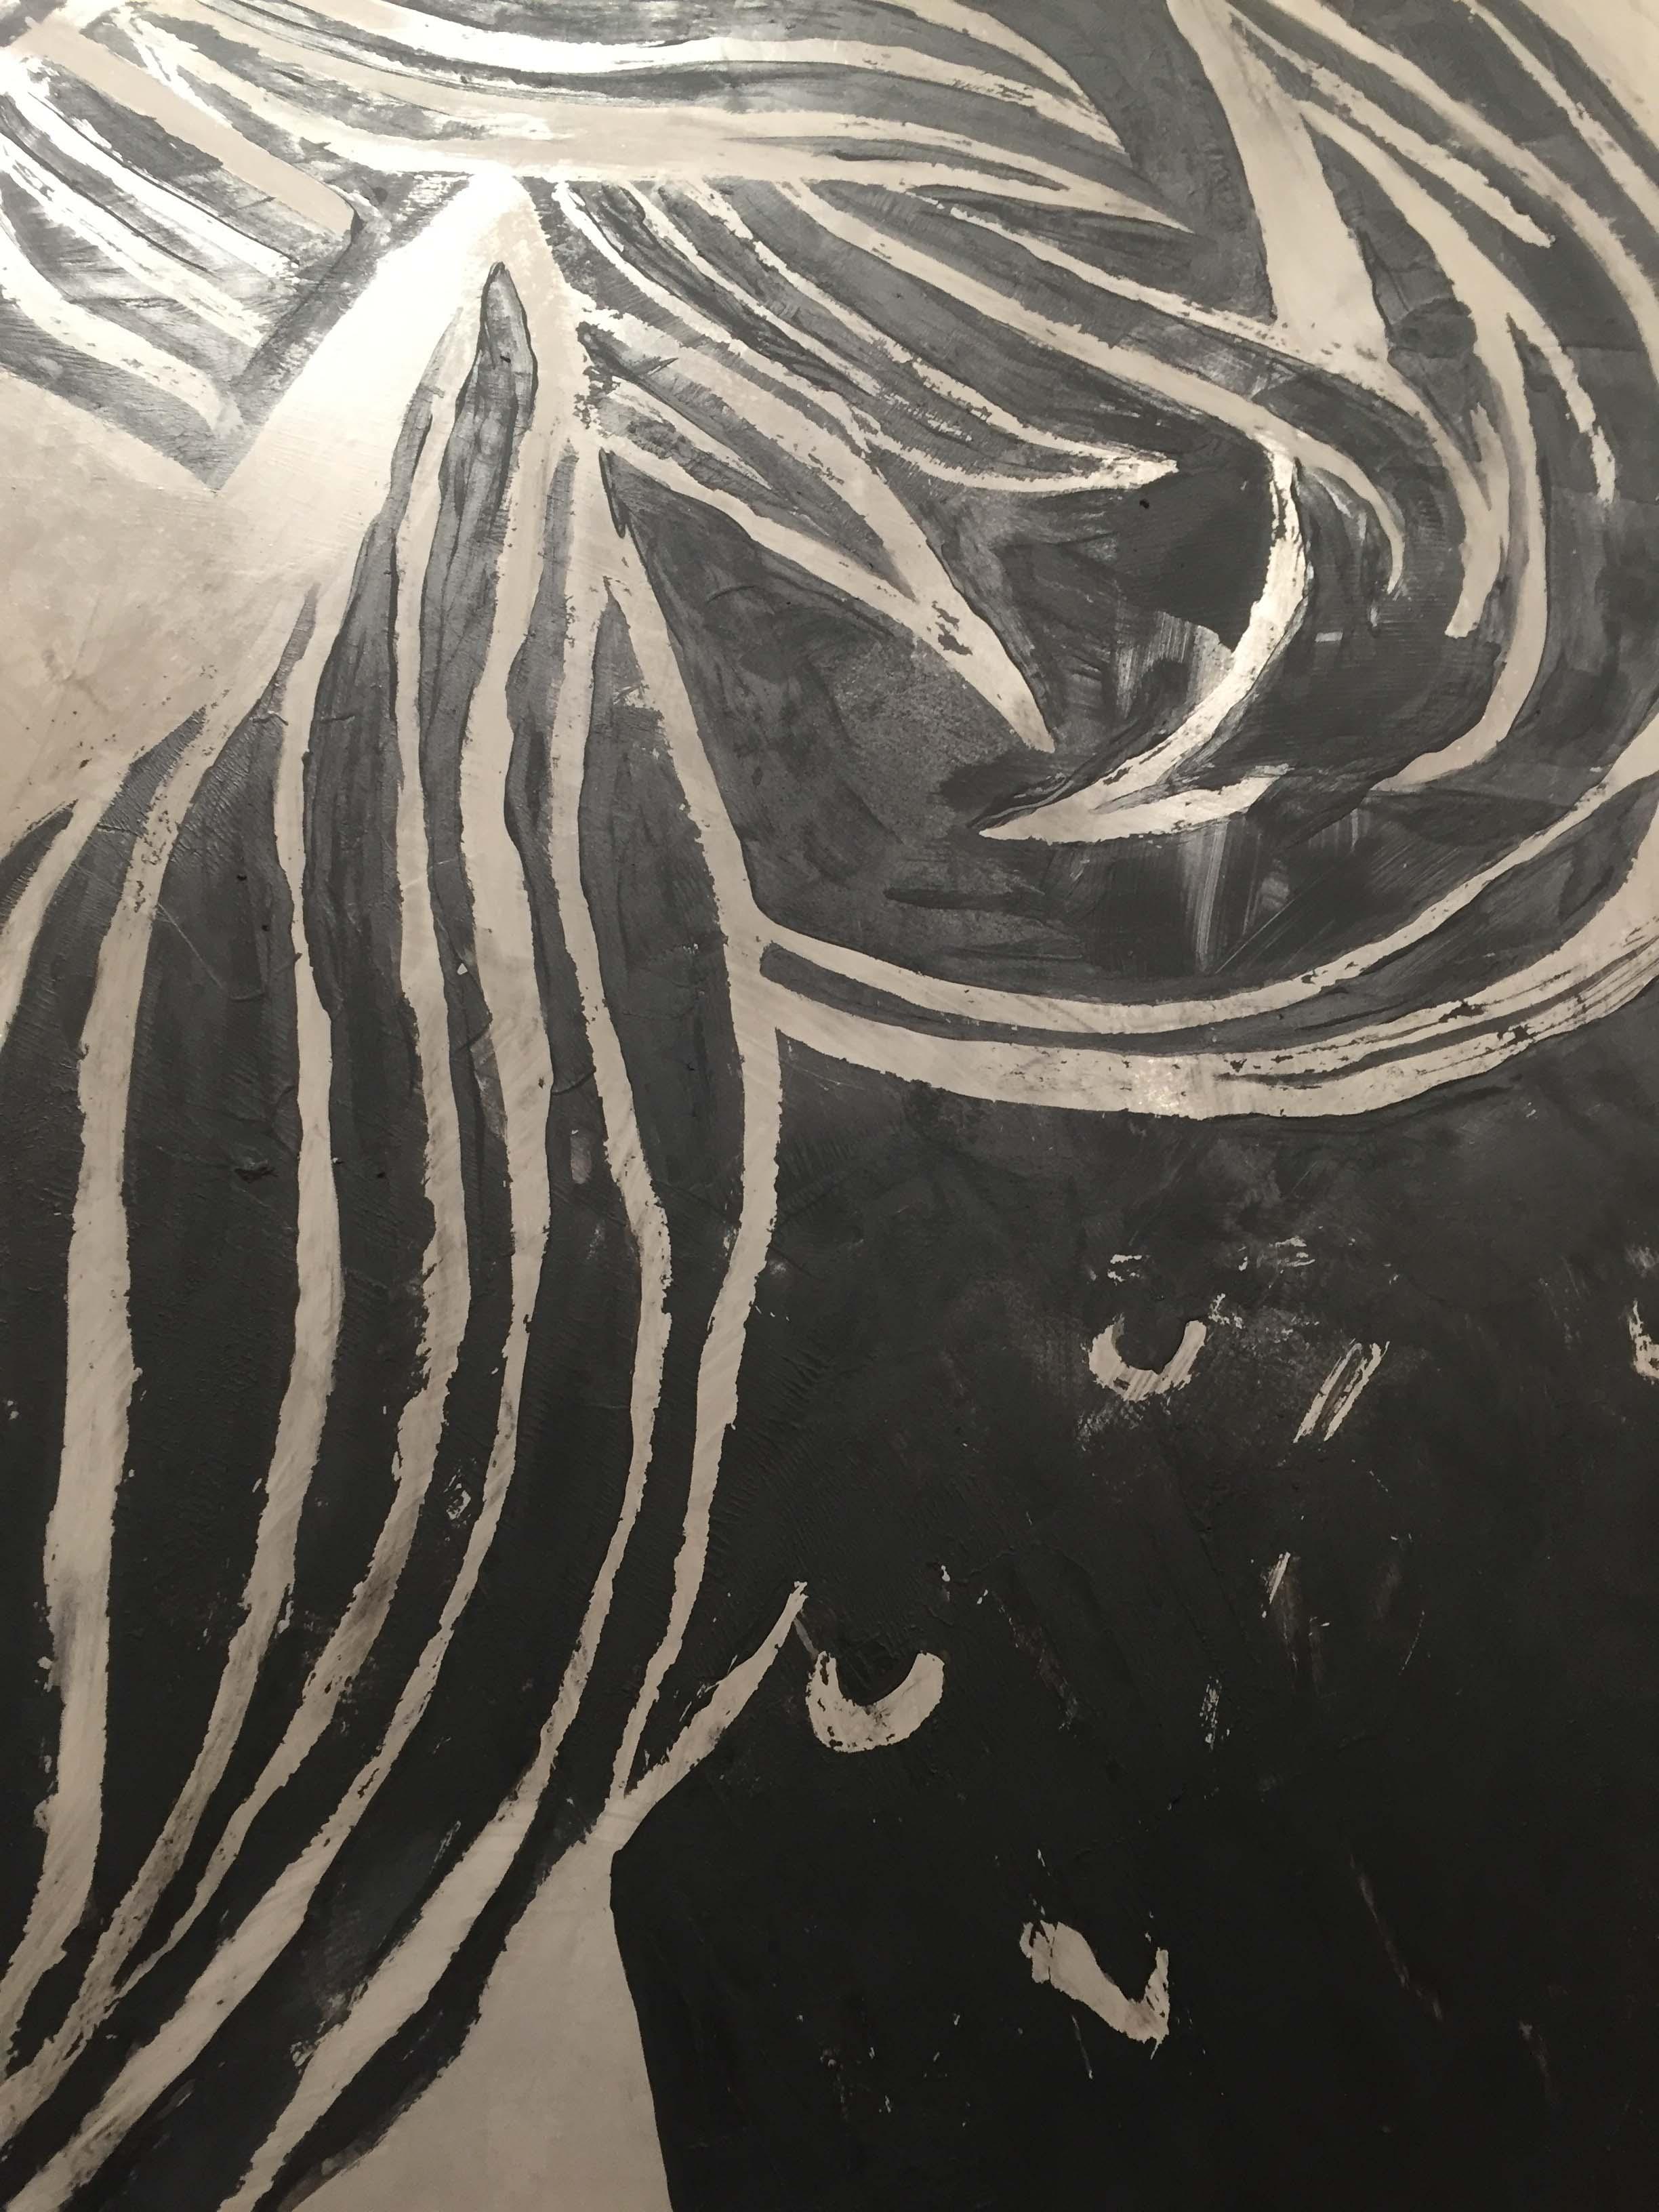 the-art-of-wall-starbucks-highpoint-mural-siren-lino-cut-4